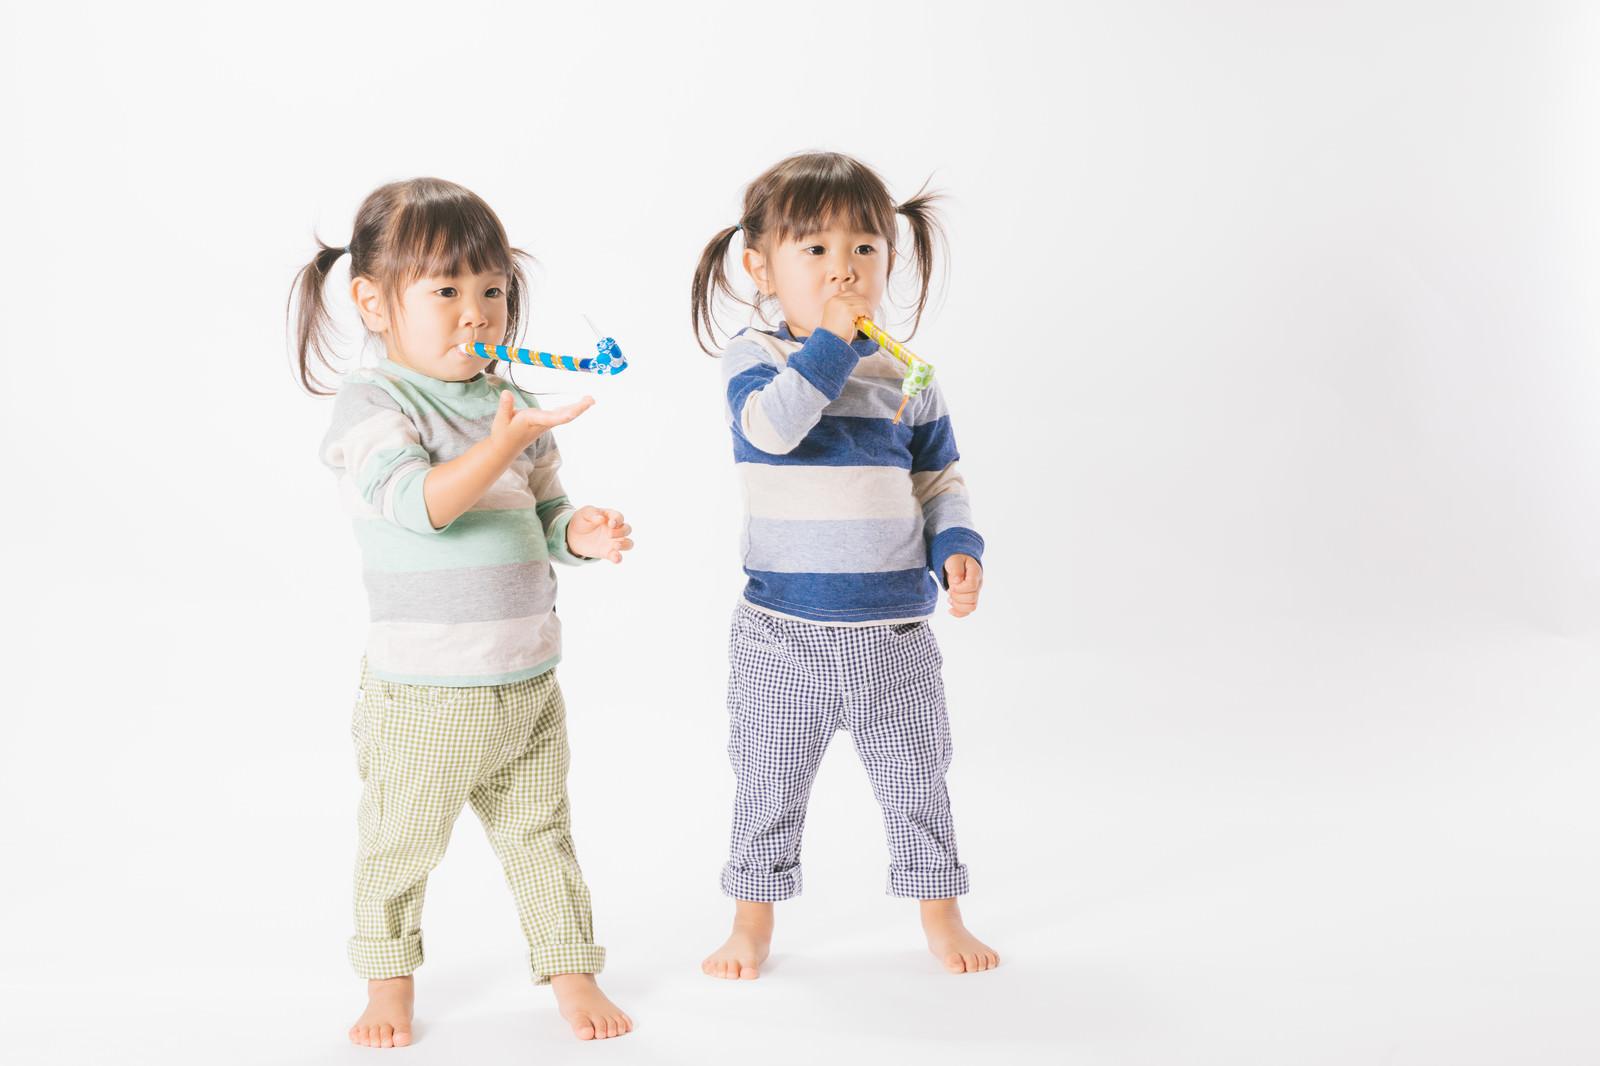 「与えられたピロピロプーに夢中な子供(双子)」の写真[モデル:あおみどり]